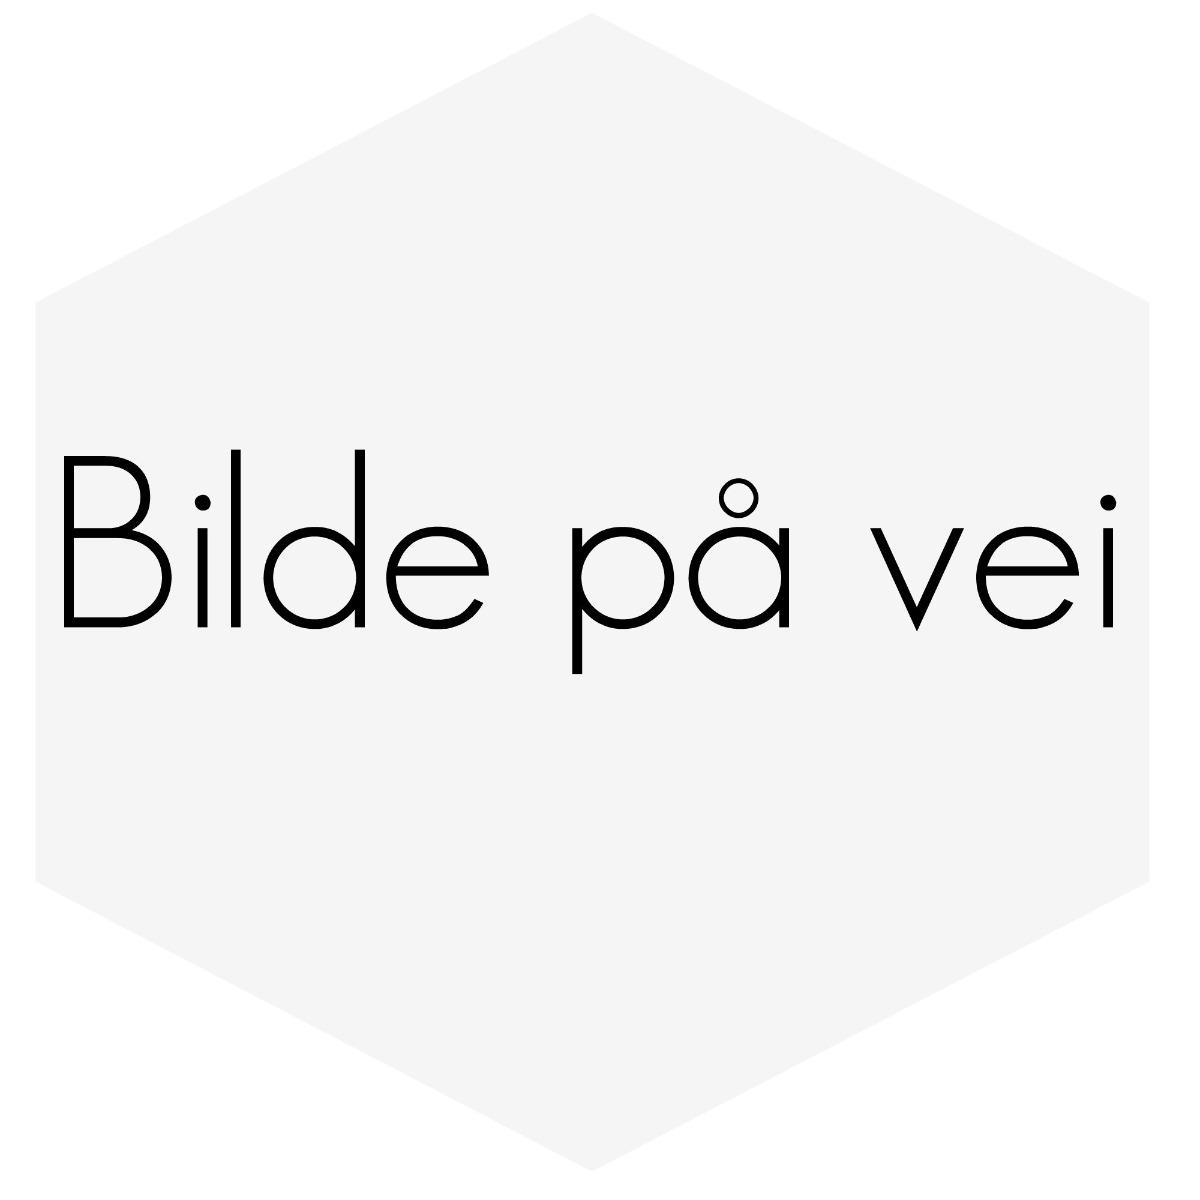 DEKK VINTER PIGG 225/50-17 VREDESTEIN WINTRAC ICE TILBUDSPRI